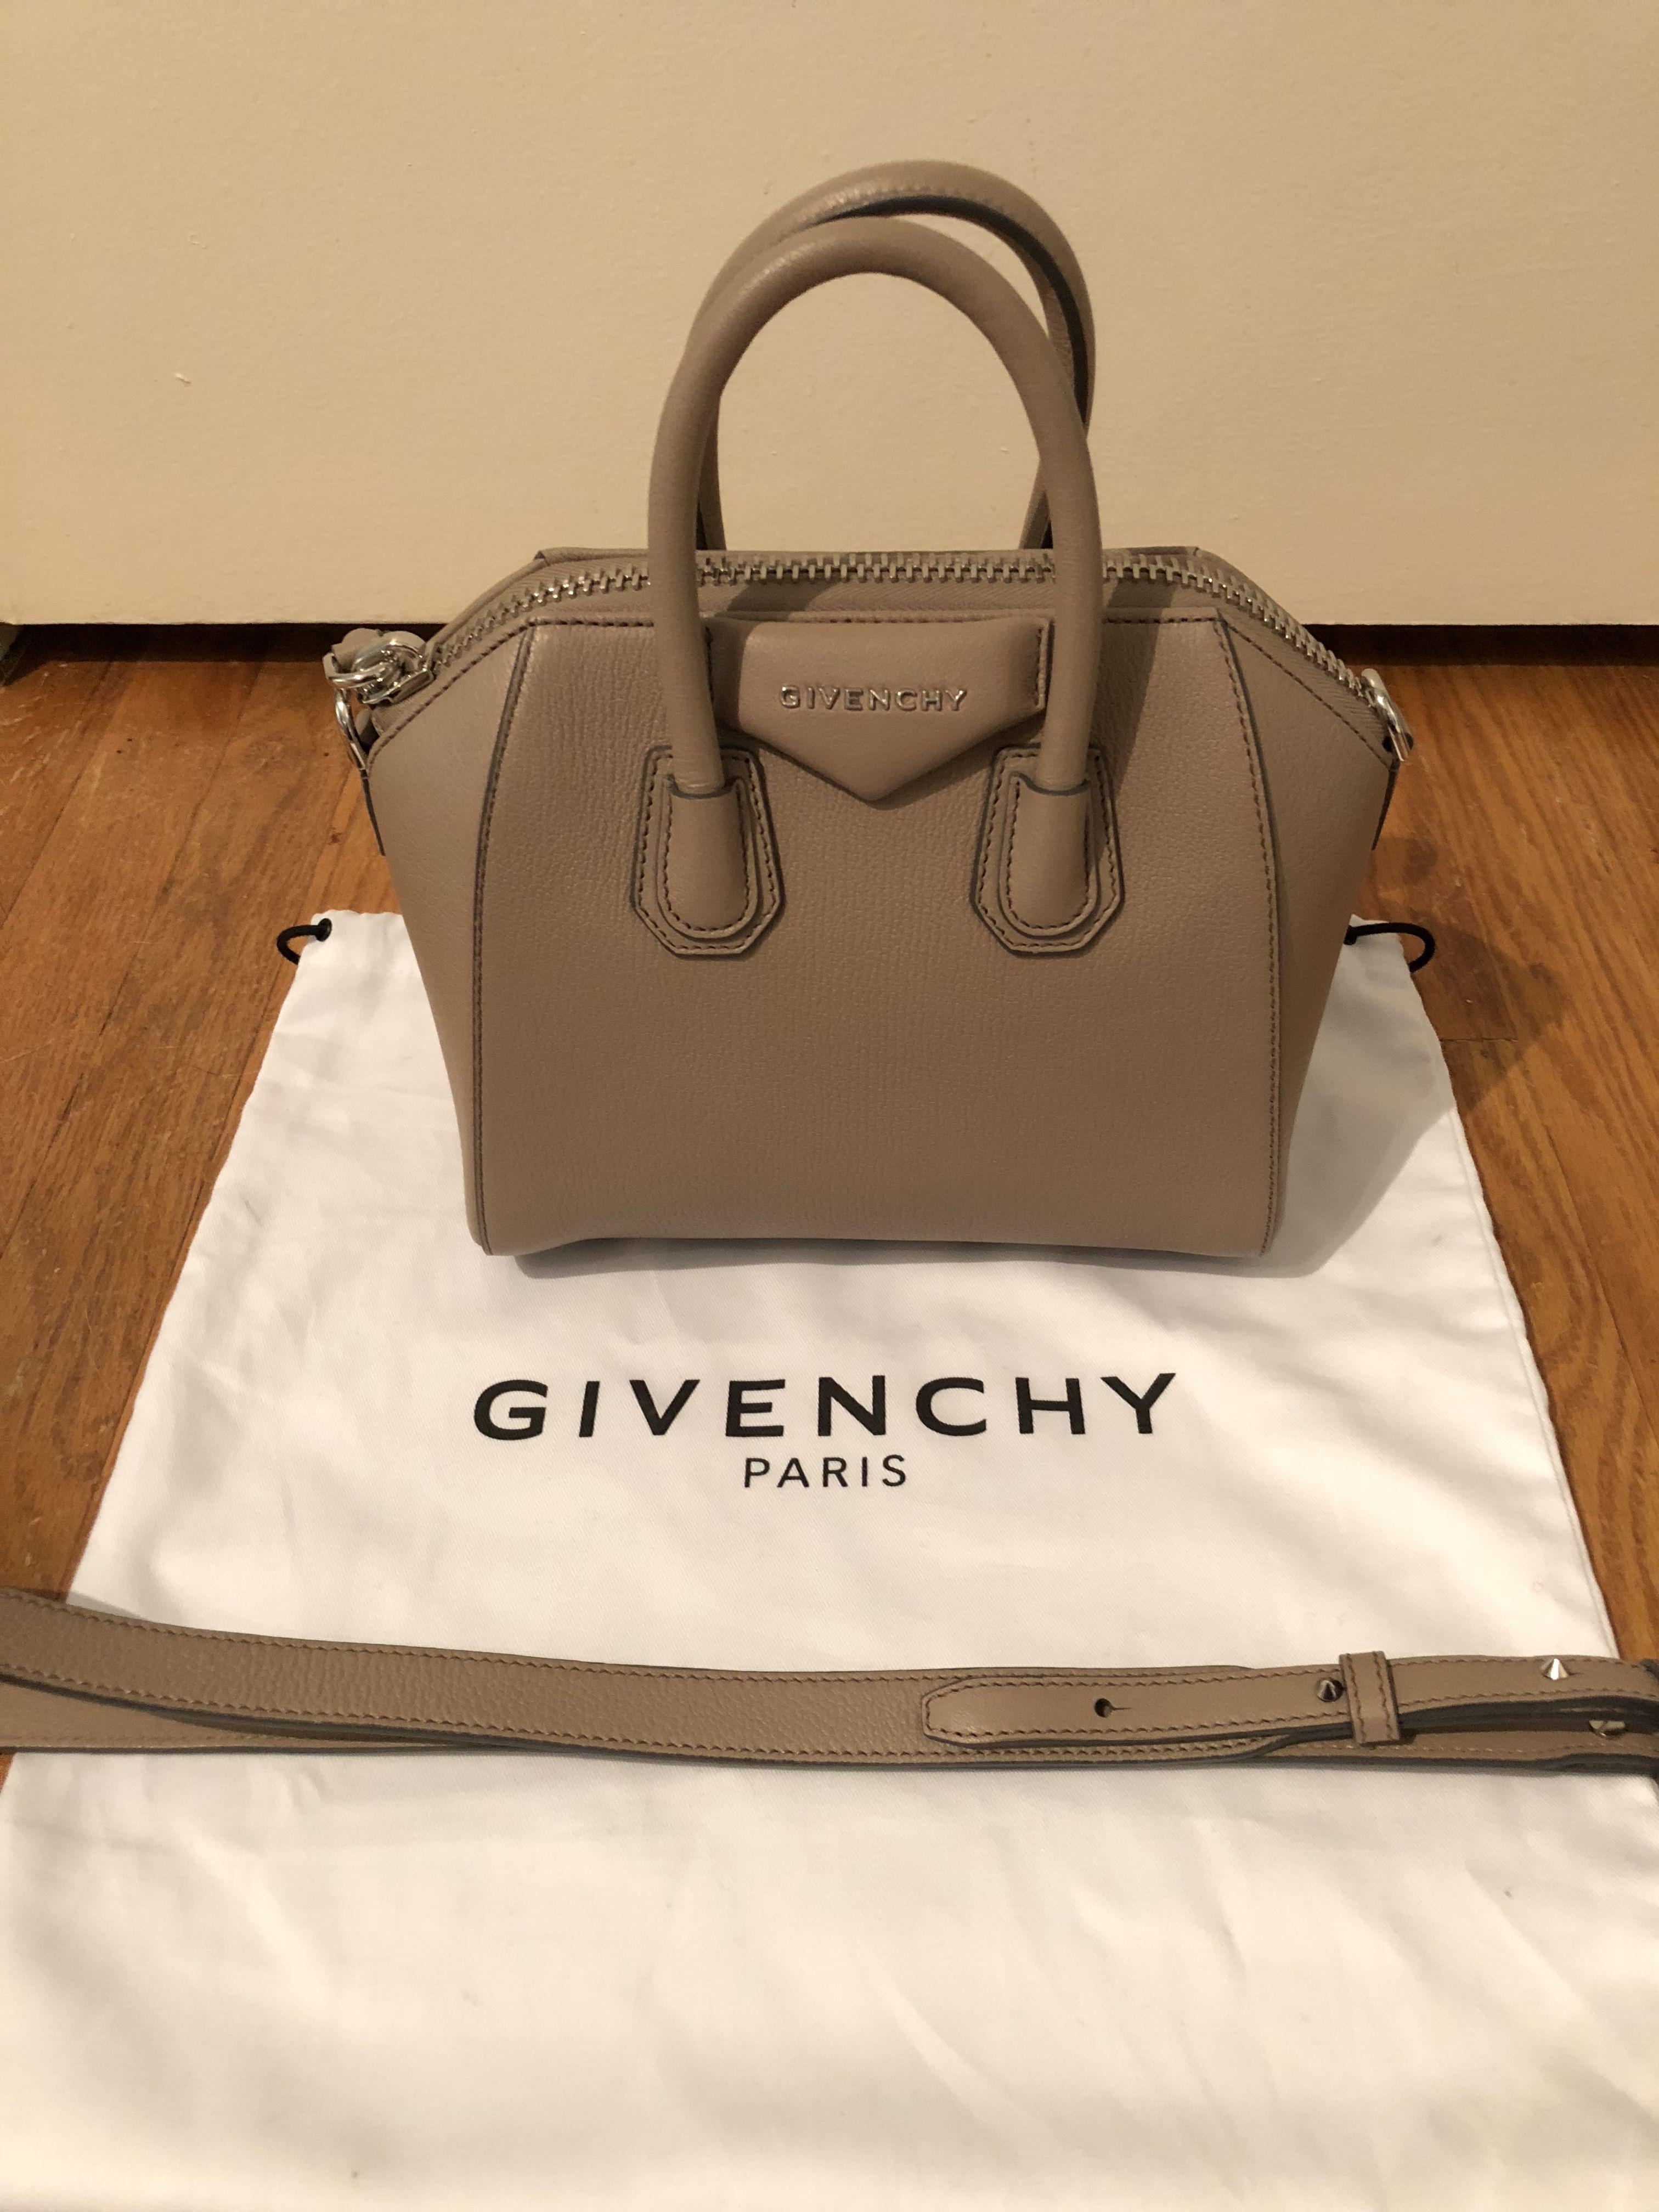 Givenchy Mini Antigona in Tan  givenchy  antigona  handbag  luxury  designer 920db33f5c939